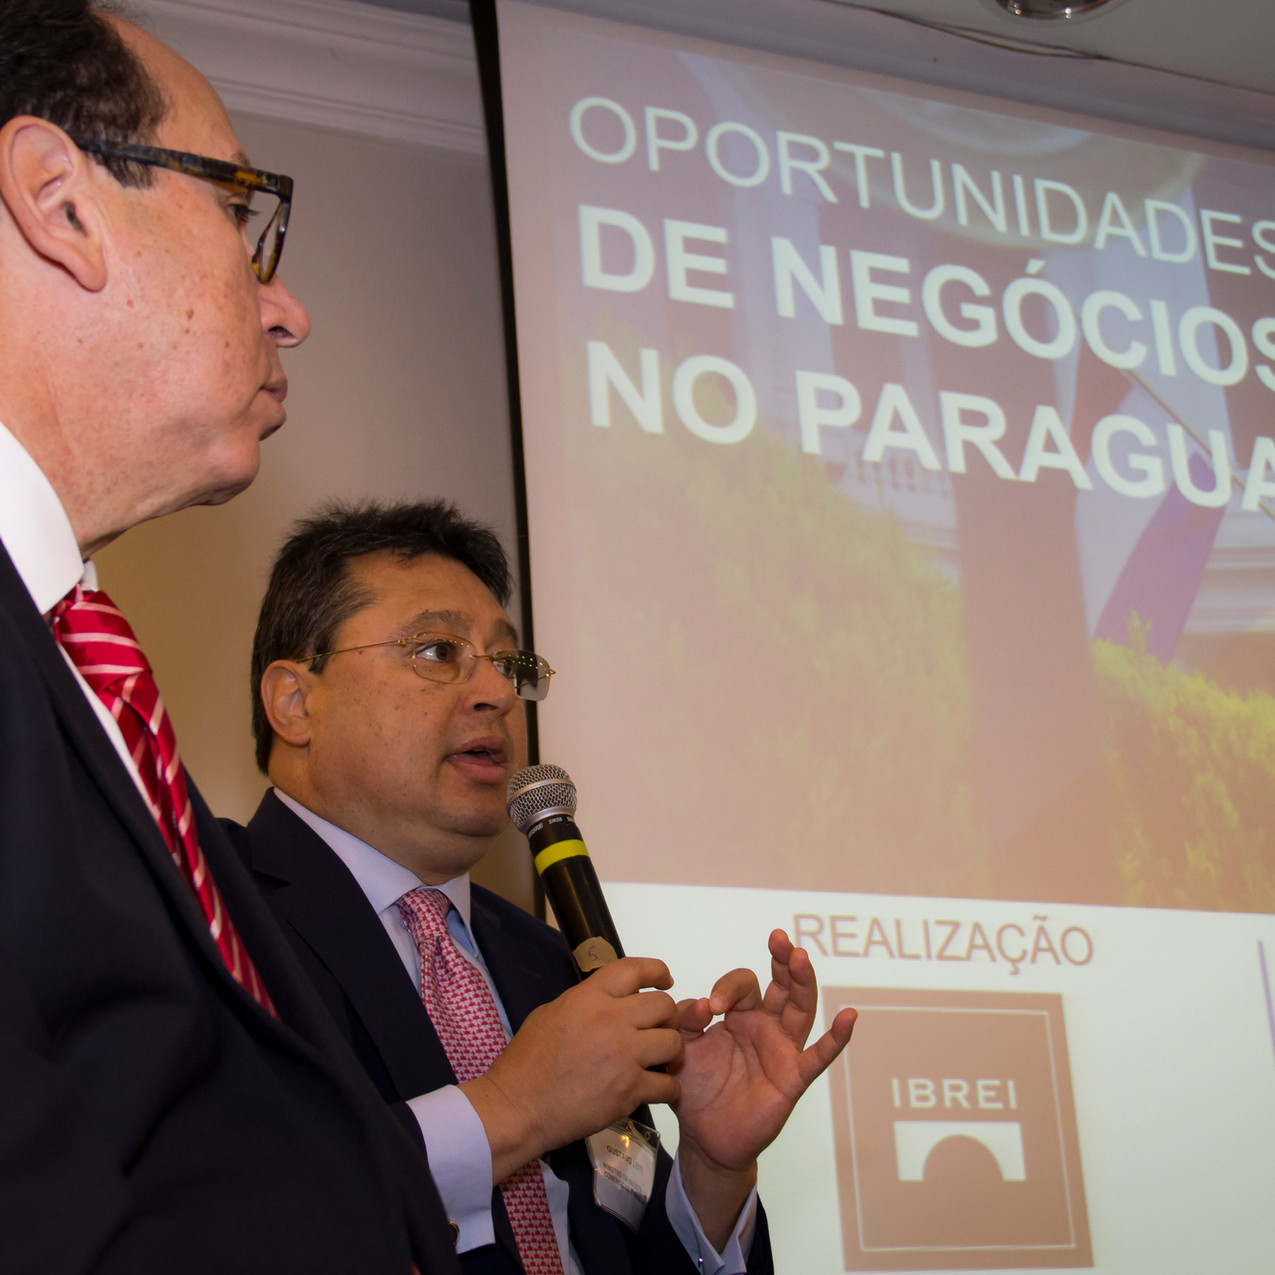 Negócios_no_Paraguai_(69)